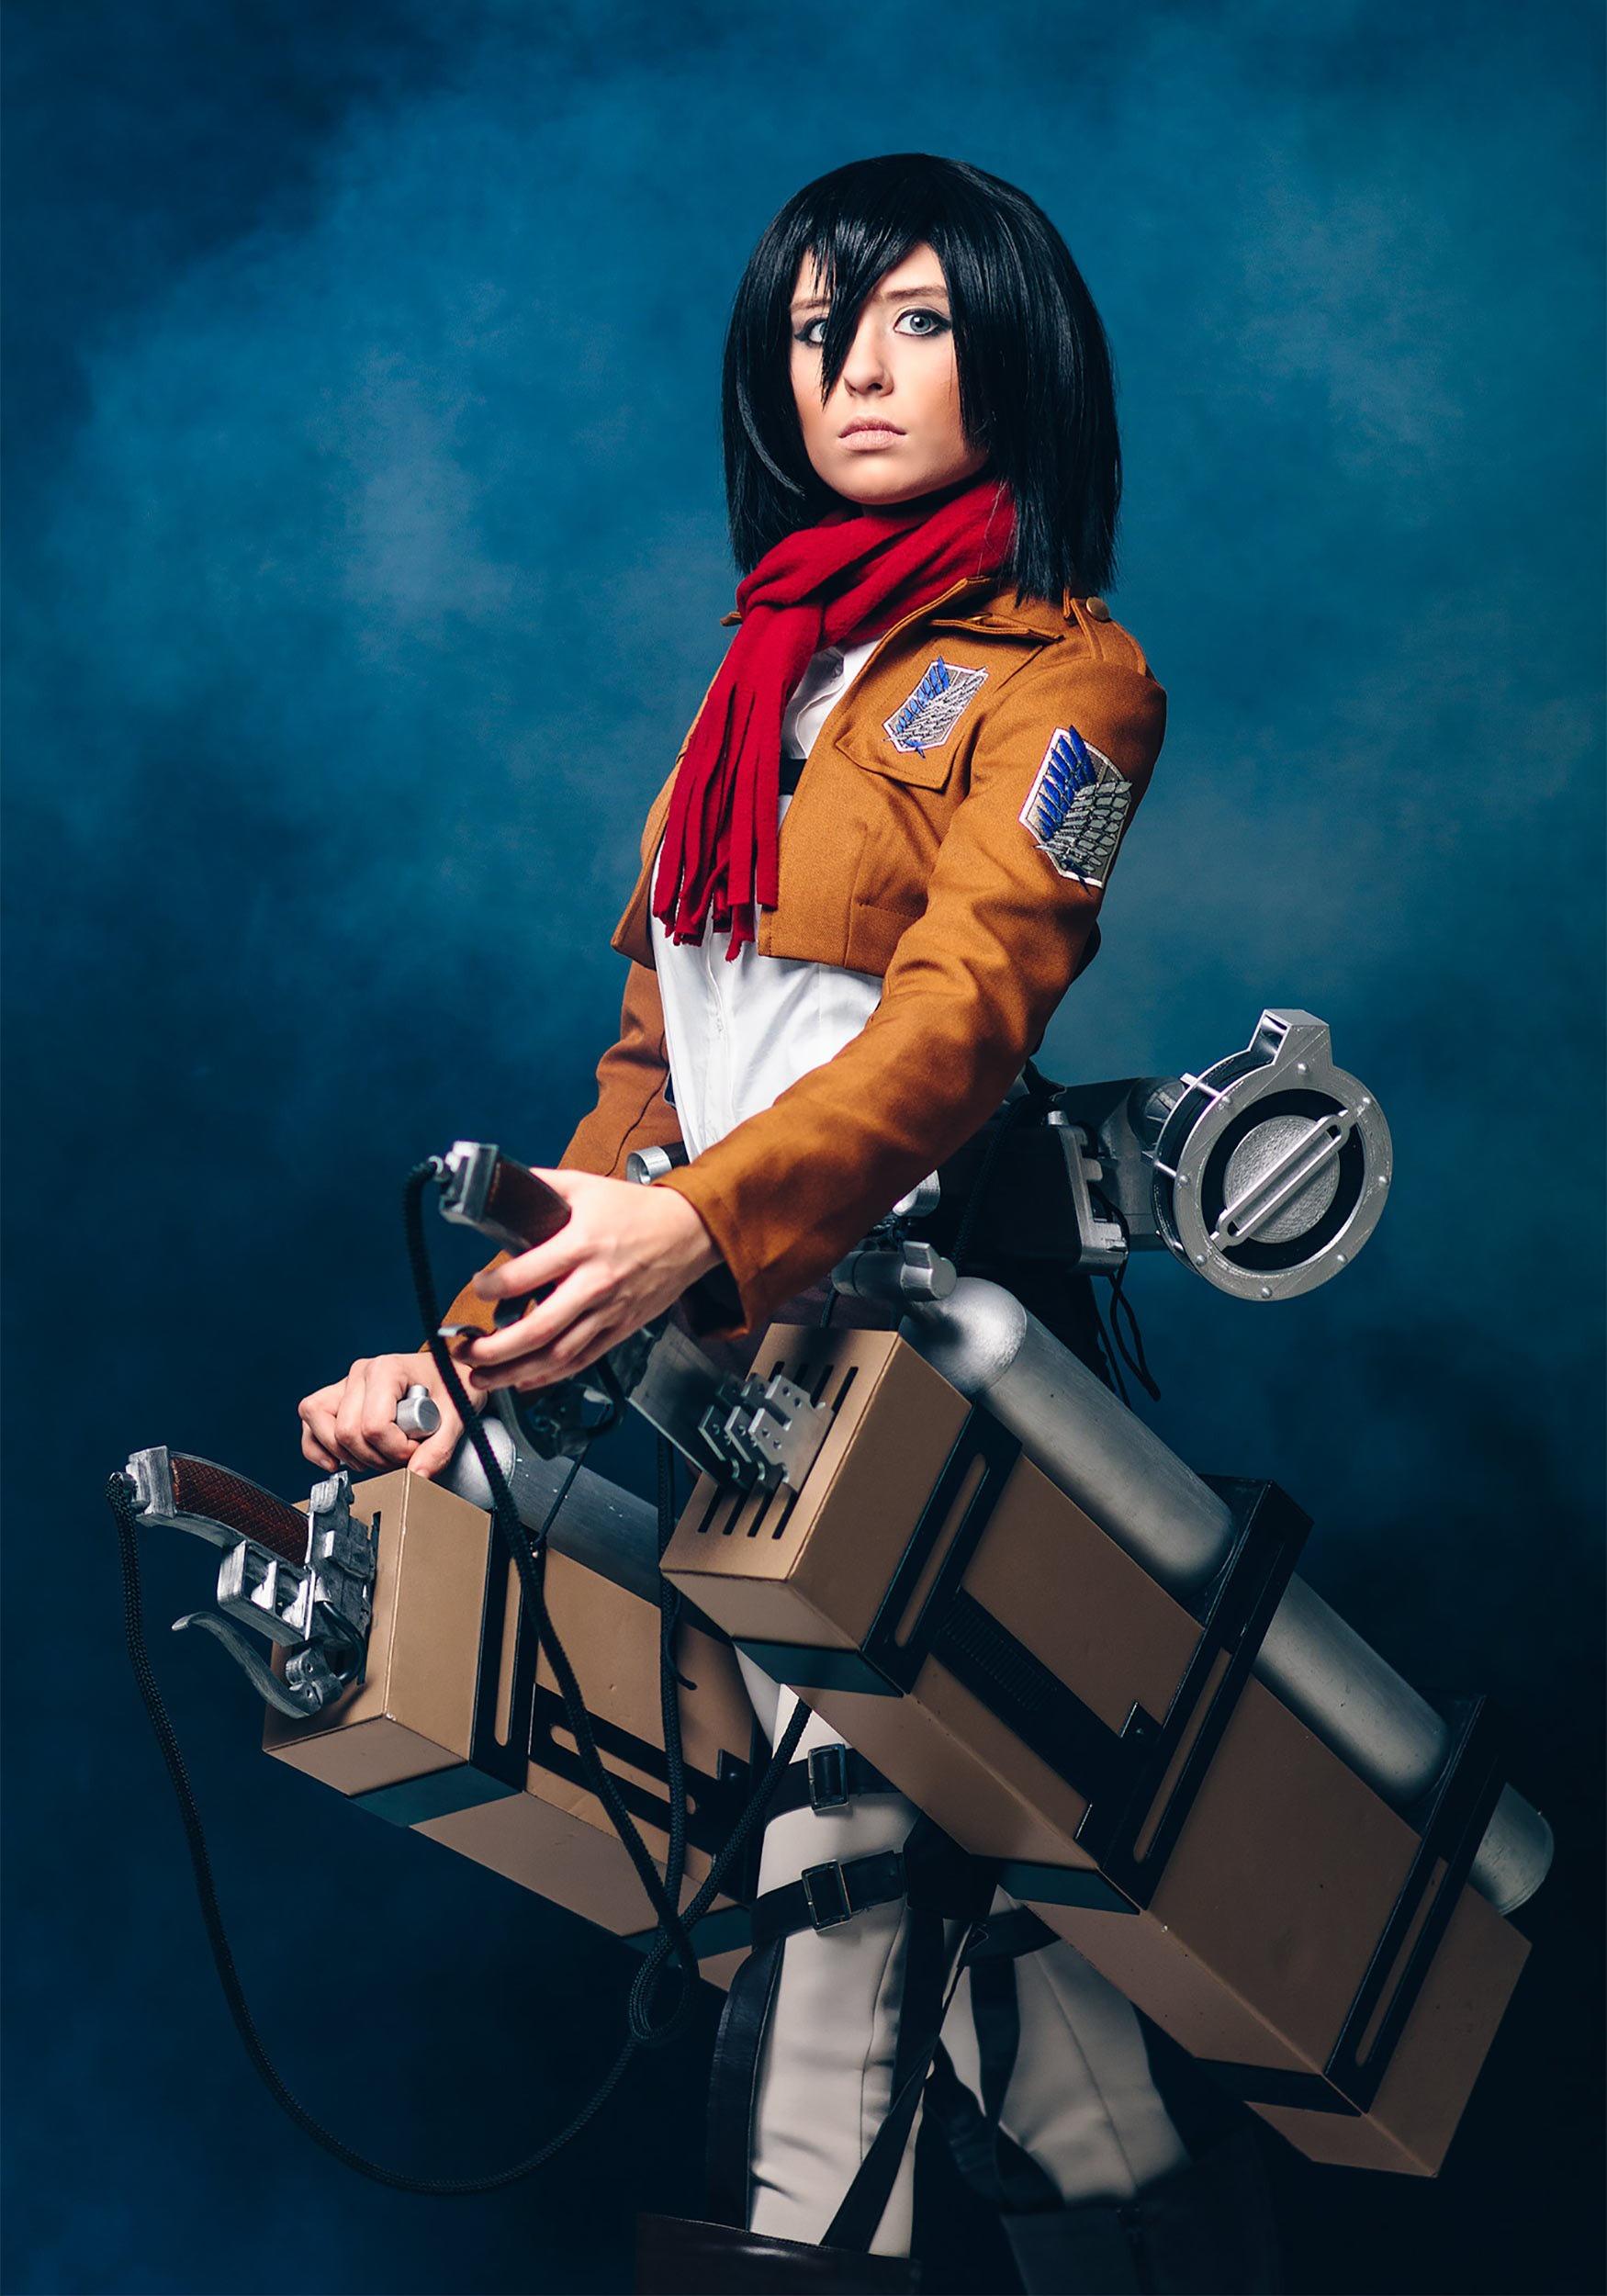 Dead Girl In Love Wallpaper Deluxe Attack On Titan Mikasa Costume